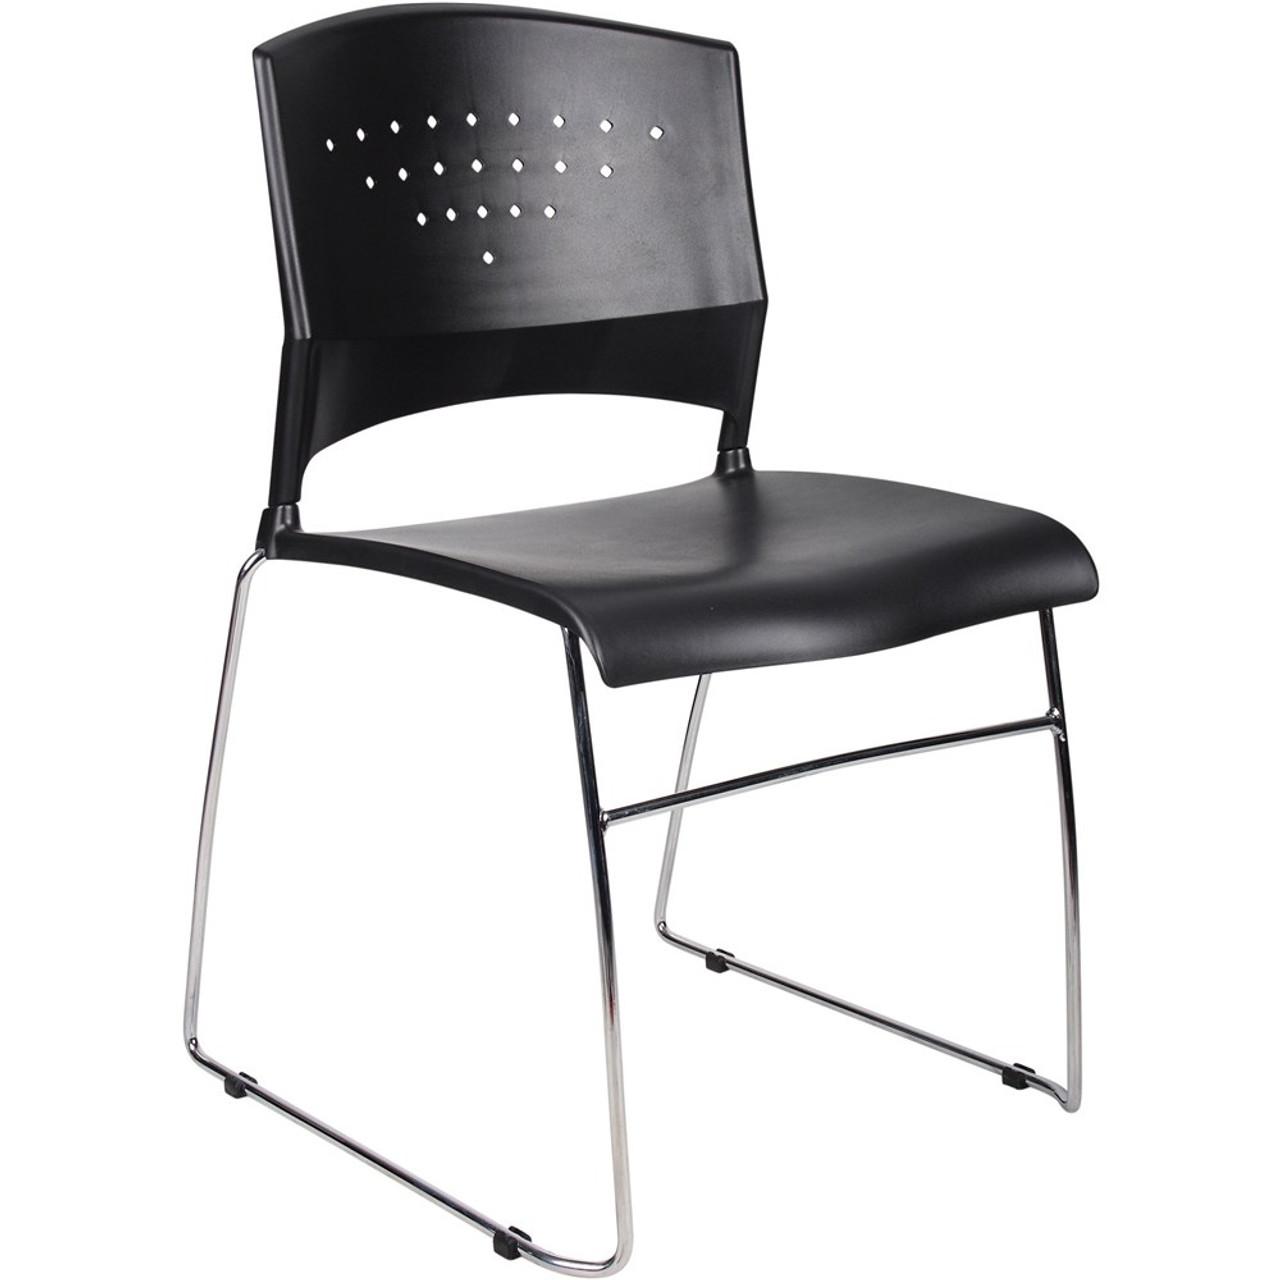 Stadium Stacking Chair Black Ys42